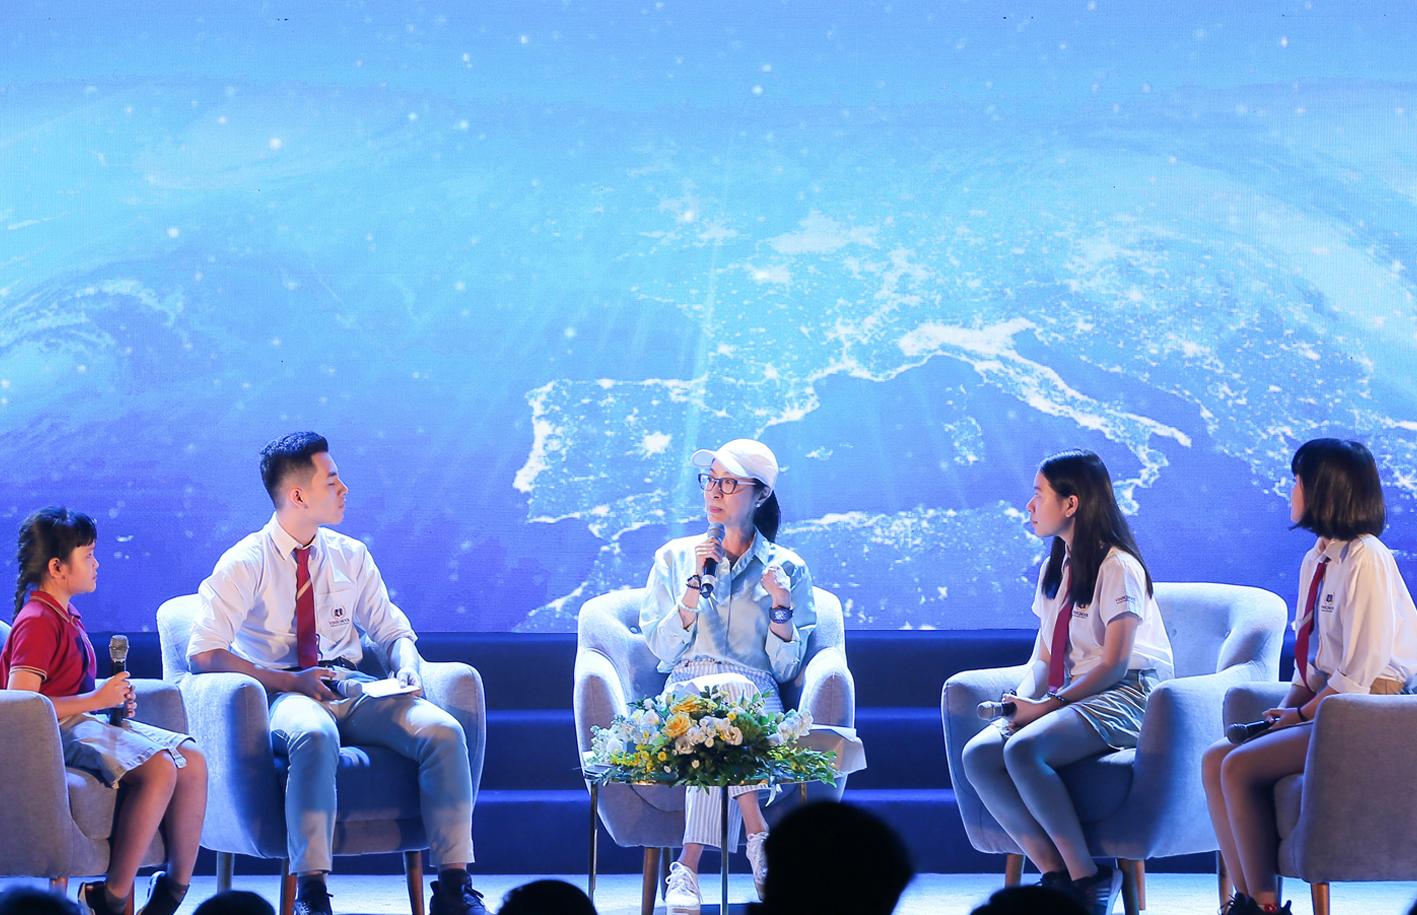 Vinsers tự tin thảo luận bằng tiếng Anh với ngôi sao Hollywood Dương Tử Quỳnh